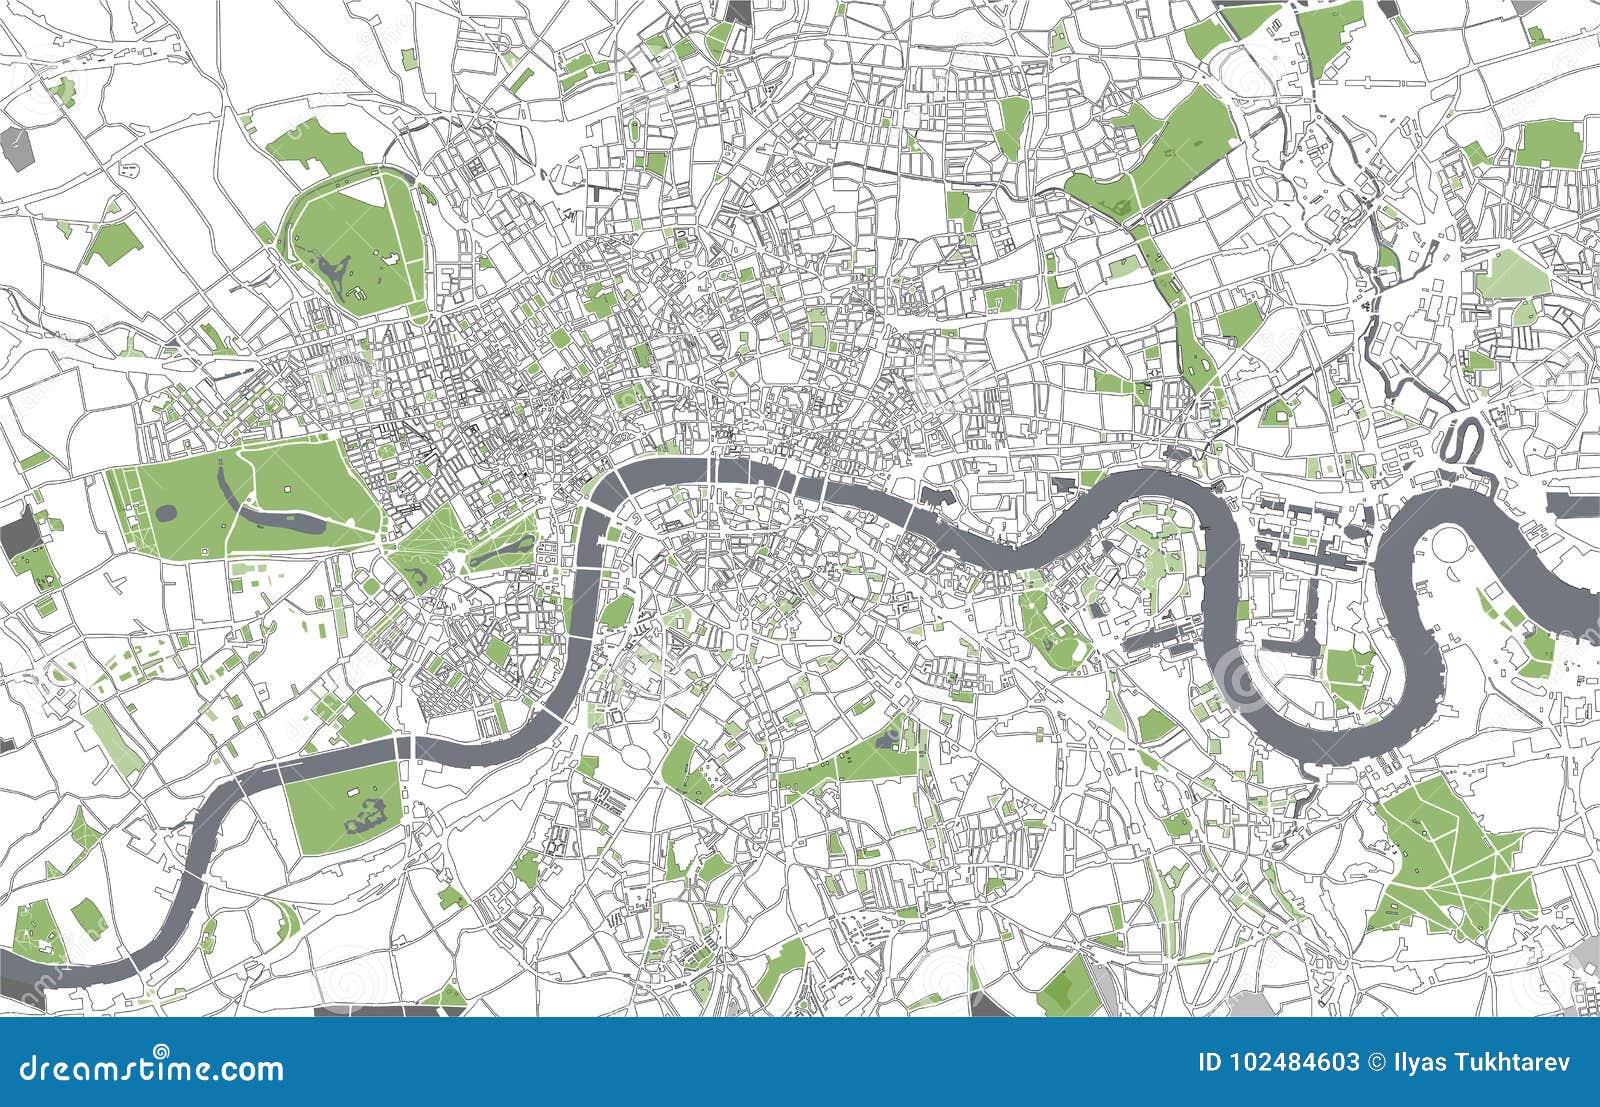 Cartina Stradale Londra.Mappa Della Citta Di Londra Gran Bretagna Illustrazione Di Stock Illustrazione Di Geografico Grigio 102484603